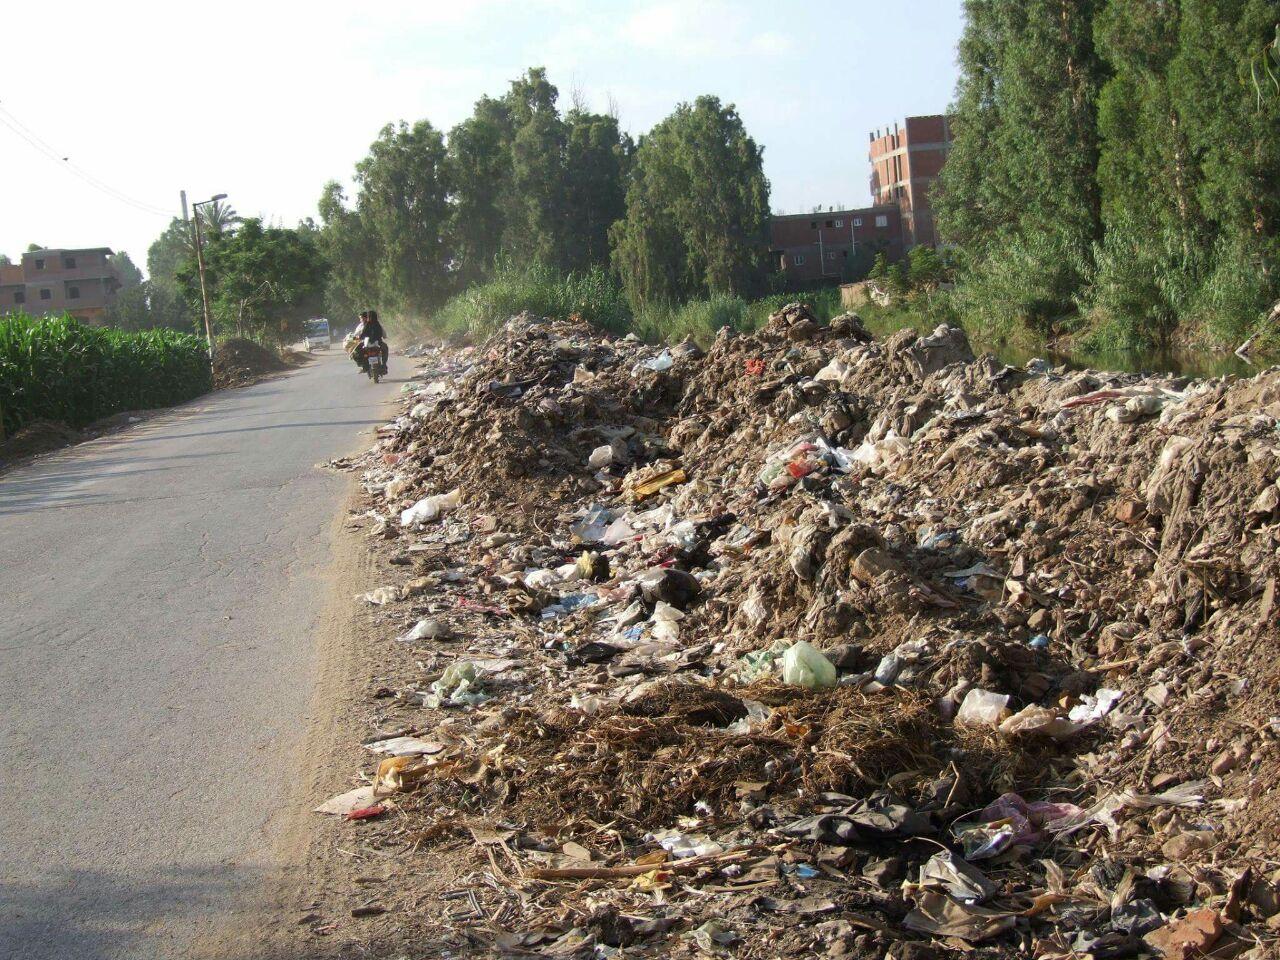 تفاقم مشكلات الصرف والطرق والمياه الملوثة «ميت البيضا» بالمنوفية